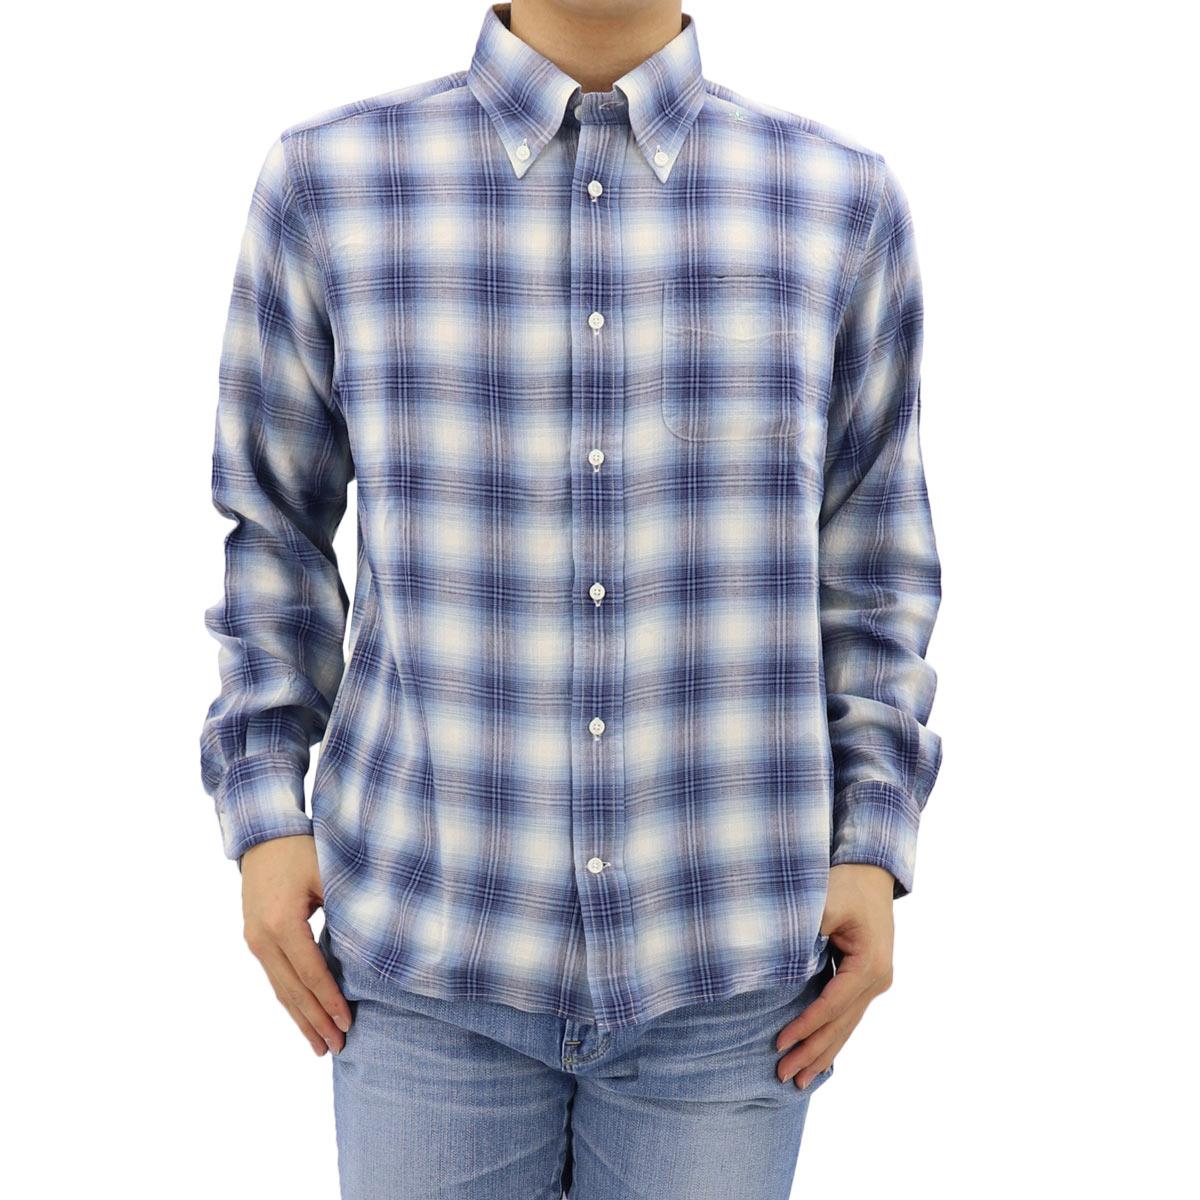 リネン混 オンブレーチェック ボタンダウンシャツ BLUE (ブルー)